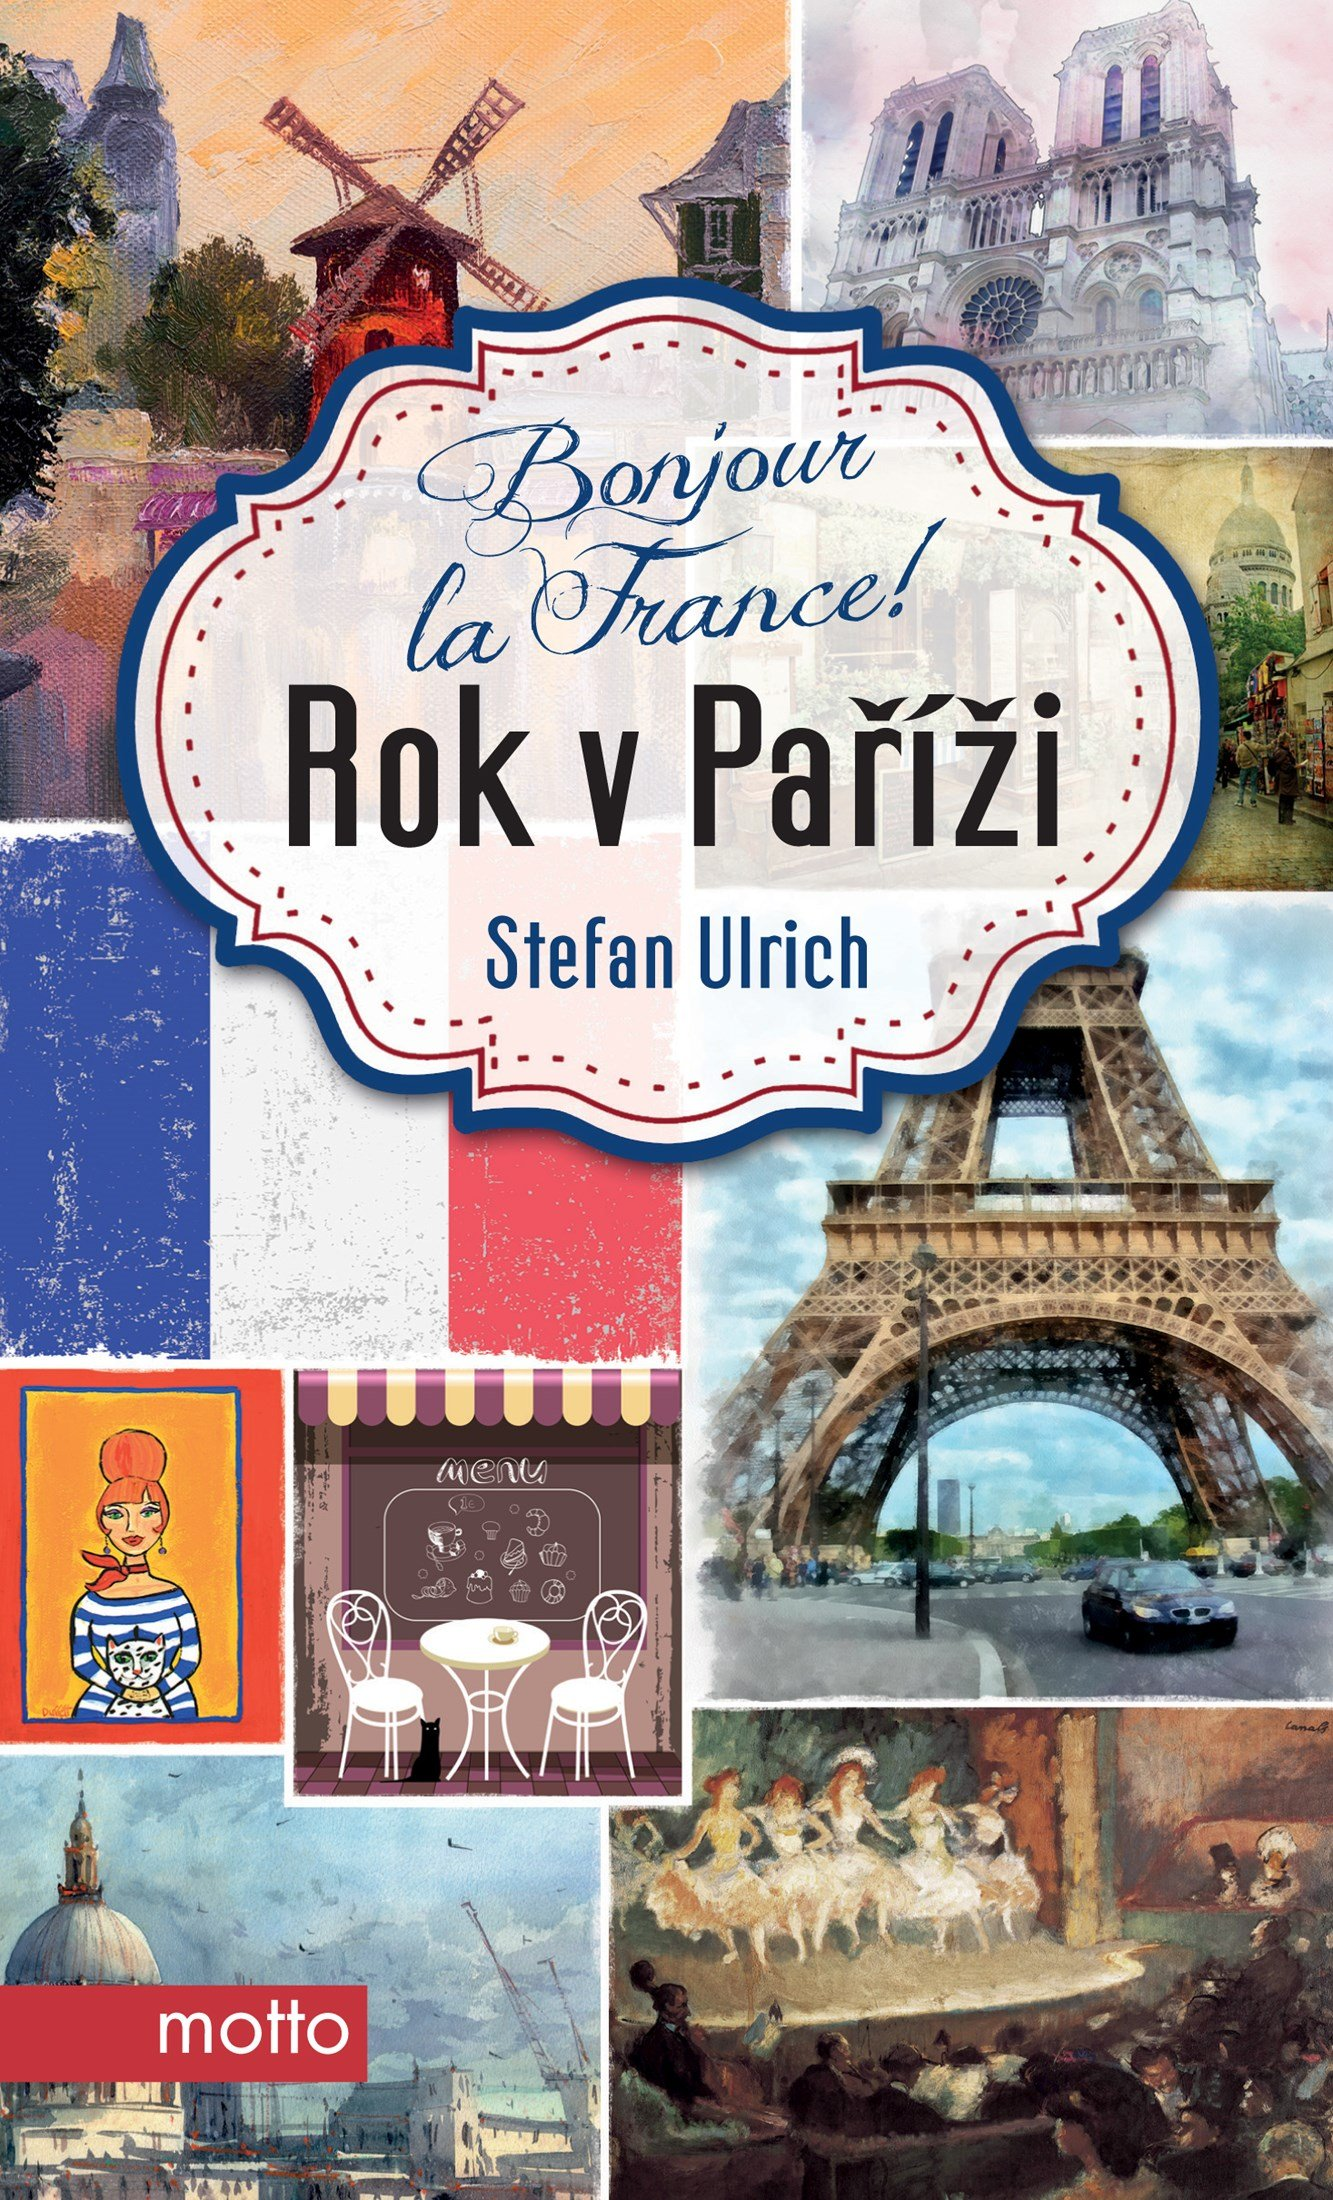 Bonjour la France! Rok v Paříži - Stefan Ulrich